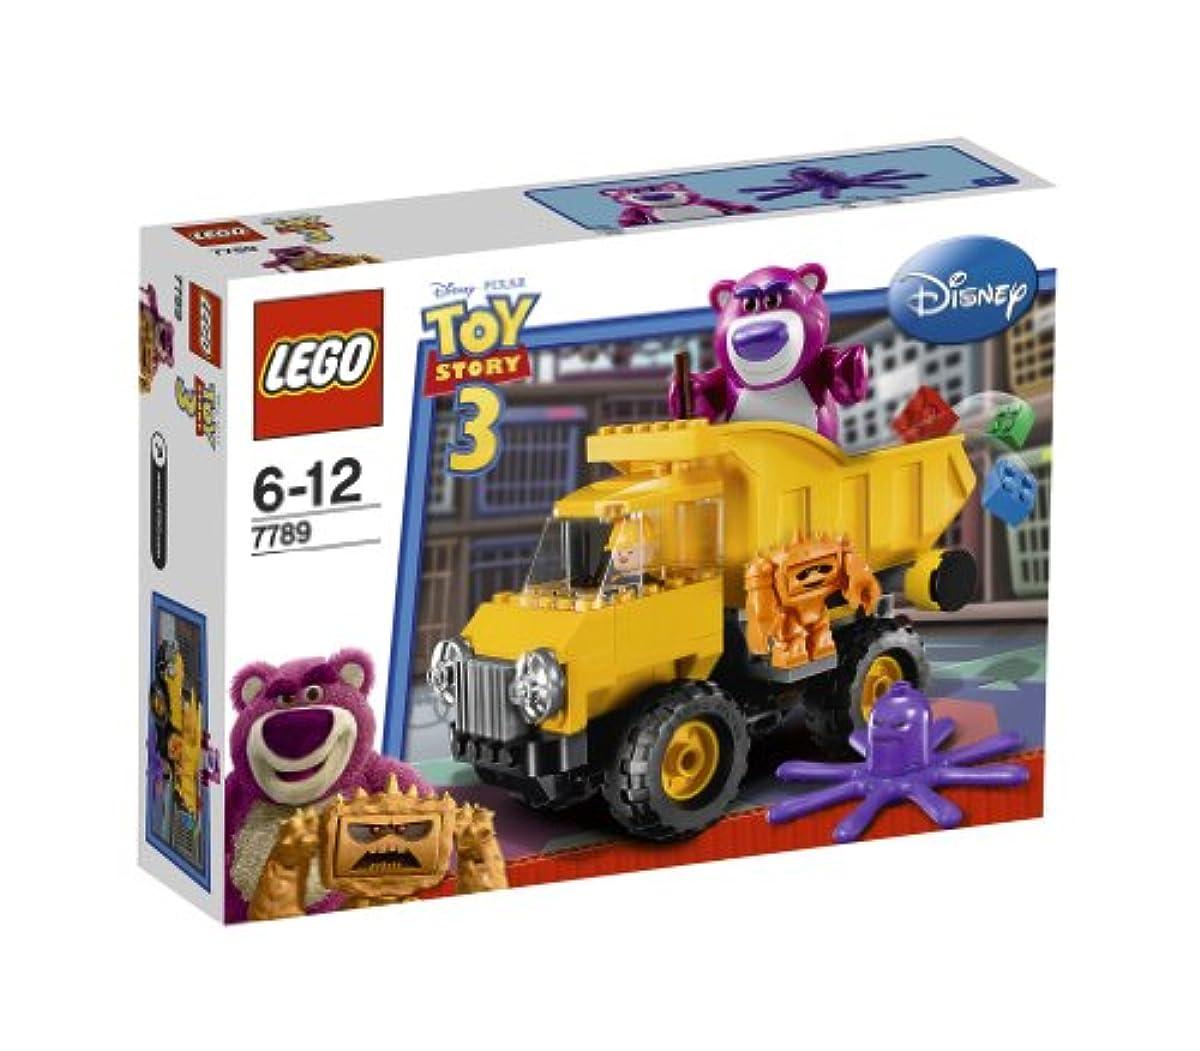 [해외] 레고 (LEGO) 토이 스토리 러즈의 덤프 카 7789-7789 (2010-05-27)